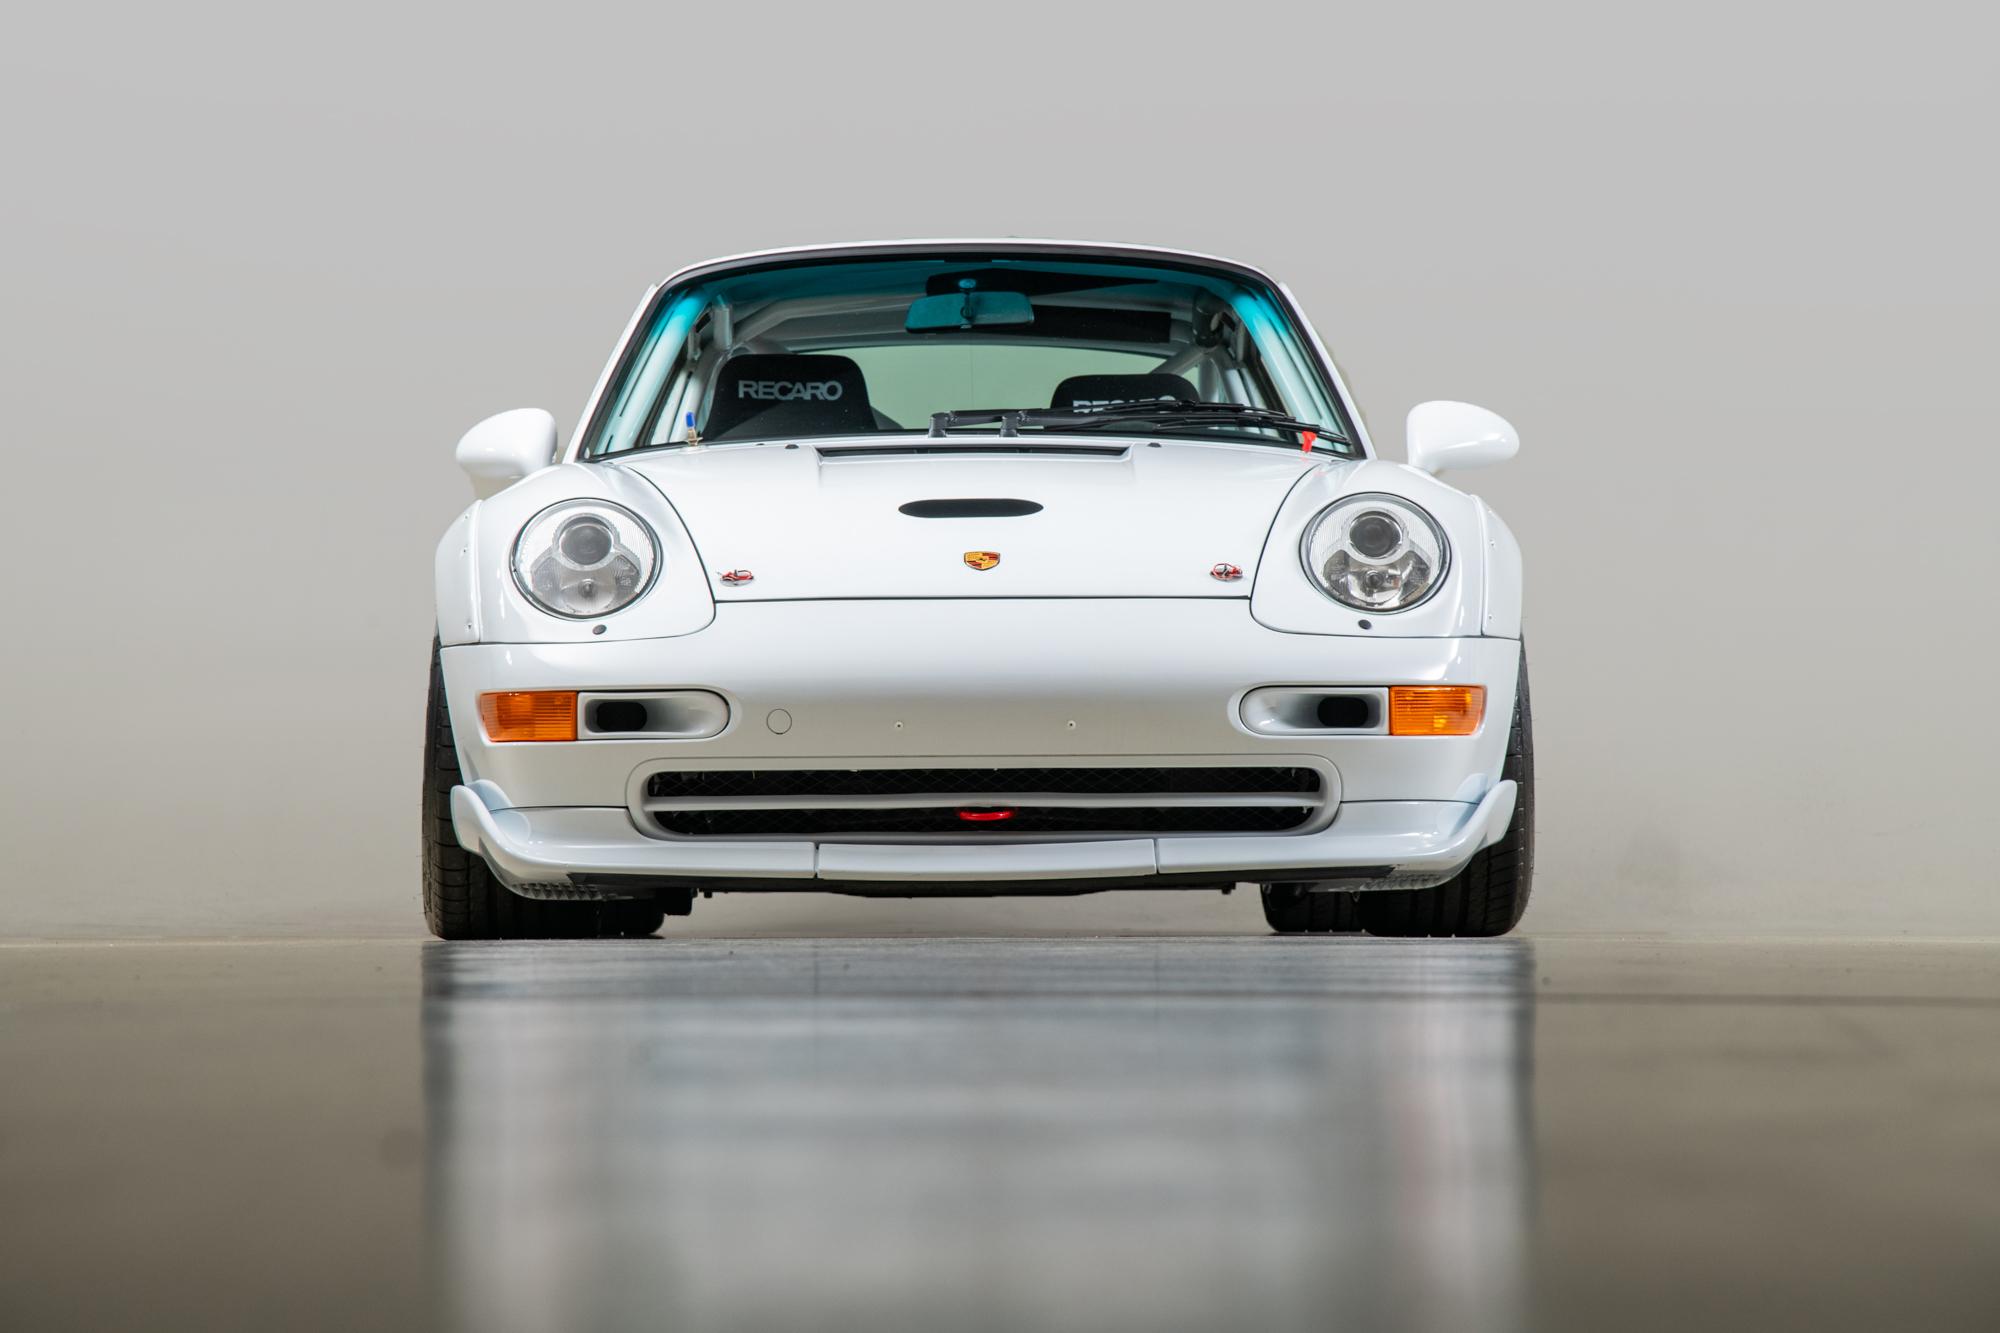 1997 Porsche 993 Cup 3.8 RSR , GLACIER WHITE, VIN WP0ZZZ99ZVS398077, MILEAGE 6568